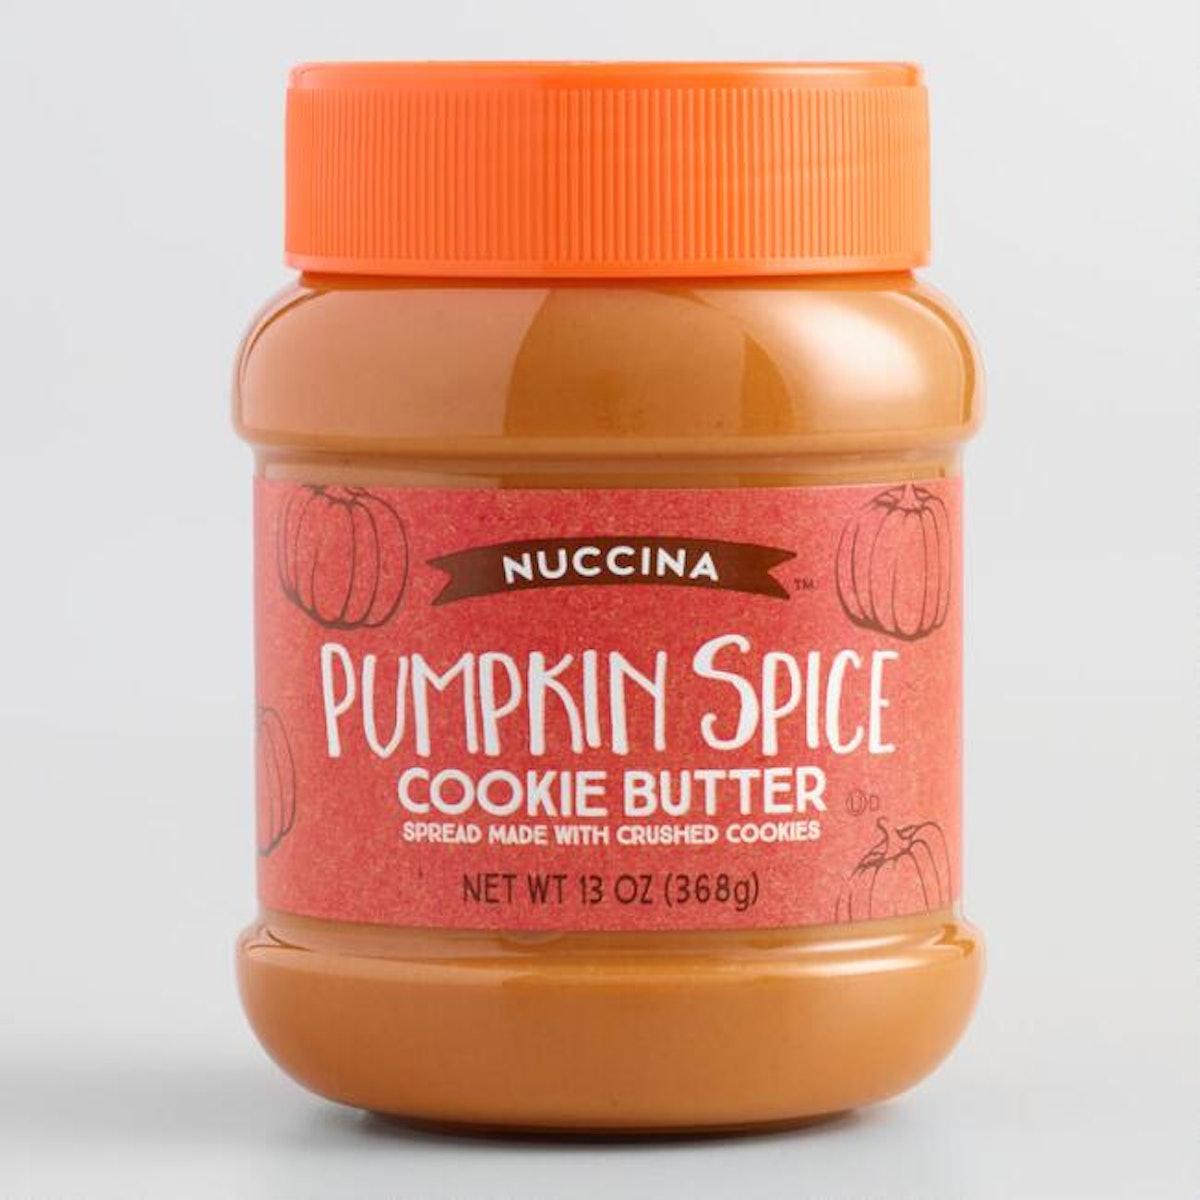 Nuccina Pumpkin Spice Cookie Butter Spread